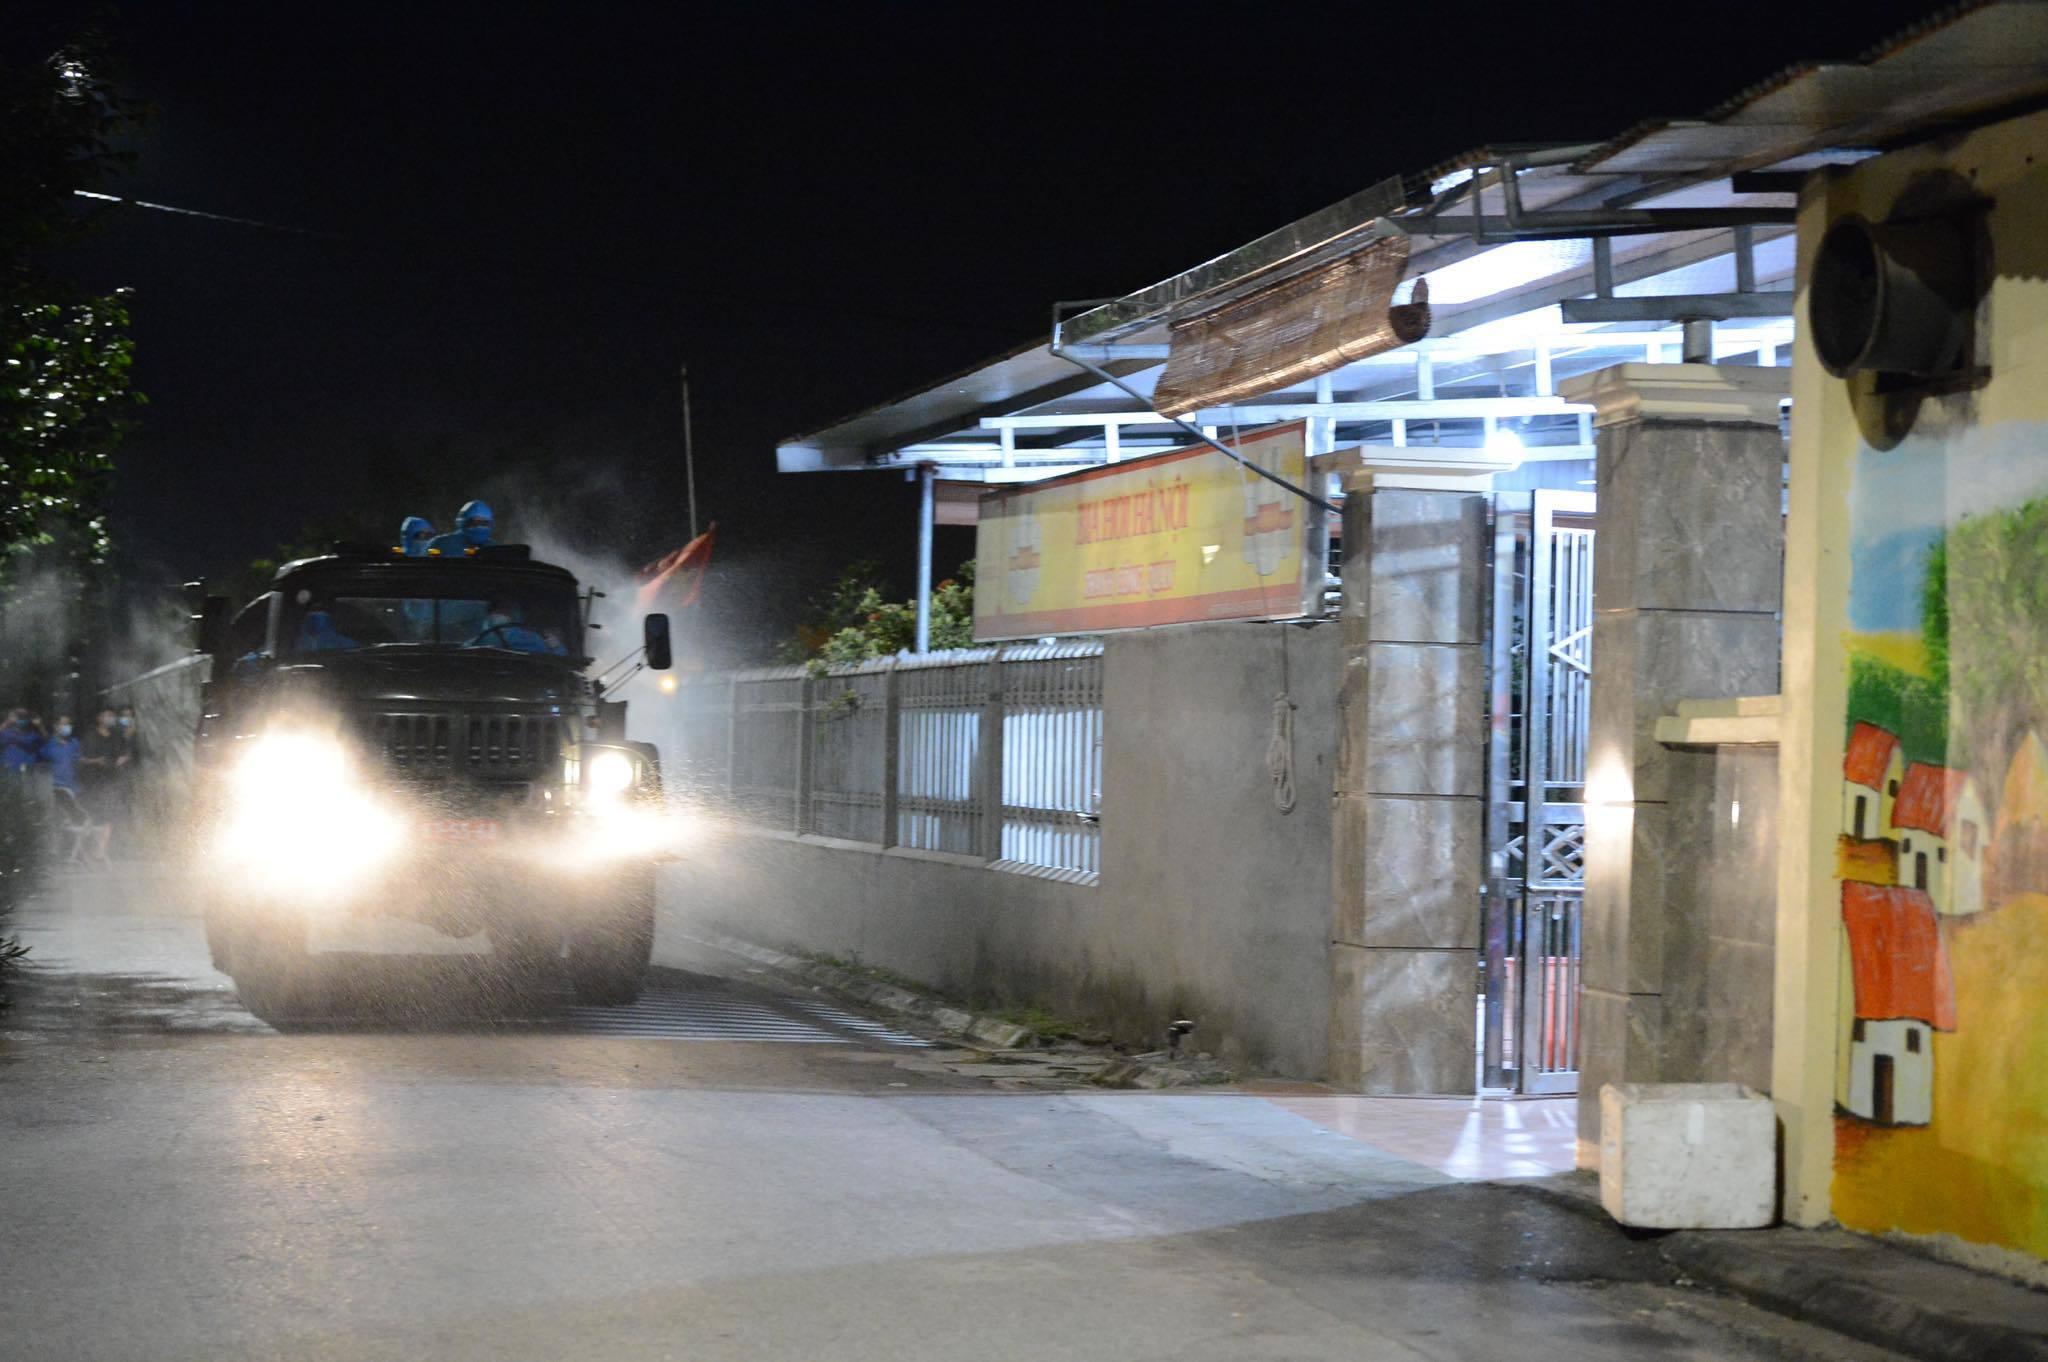 Khử khuẩn đường làng, ngõ xóm xuyên đêm khi 4 học sinh mắc Covid-19